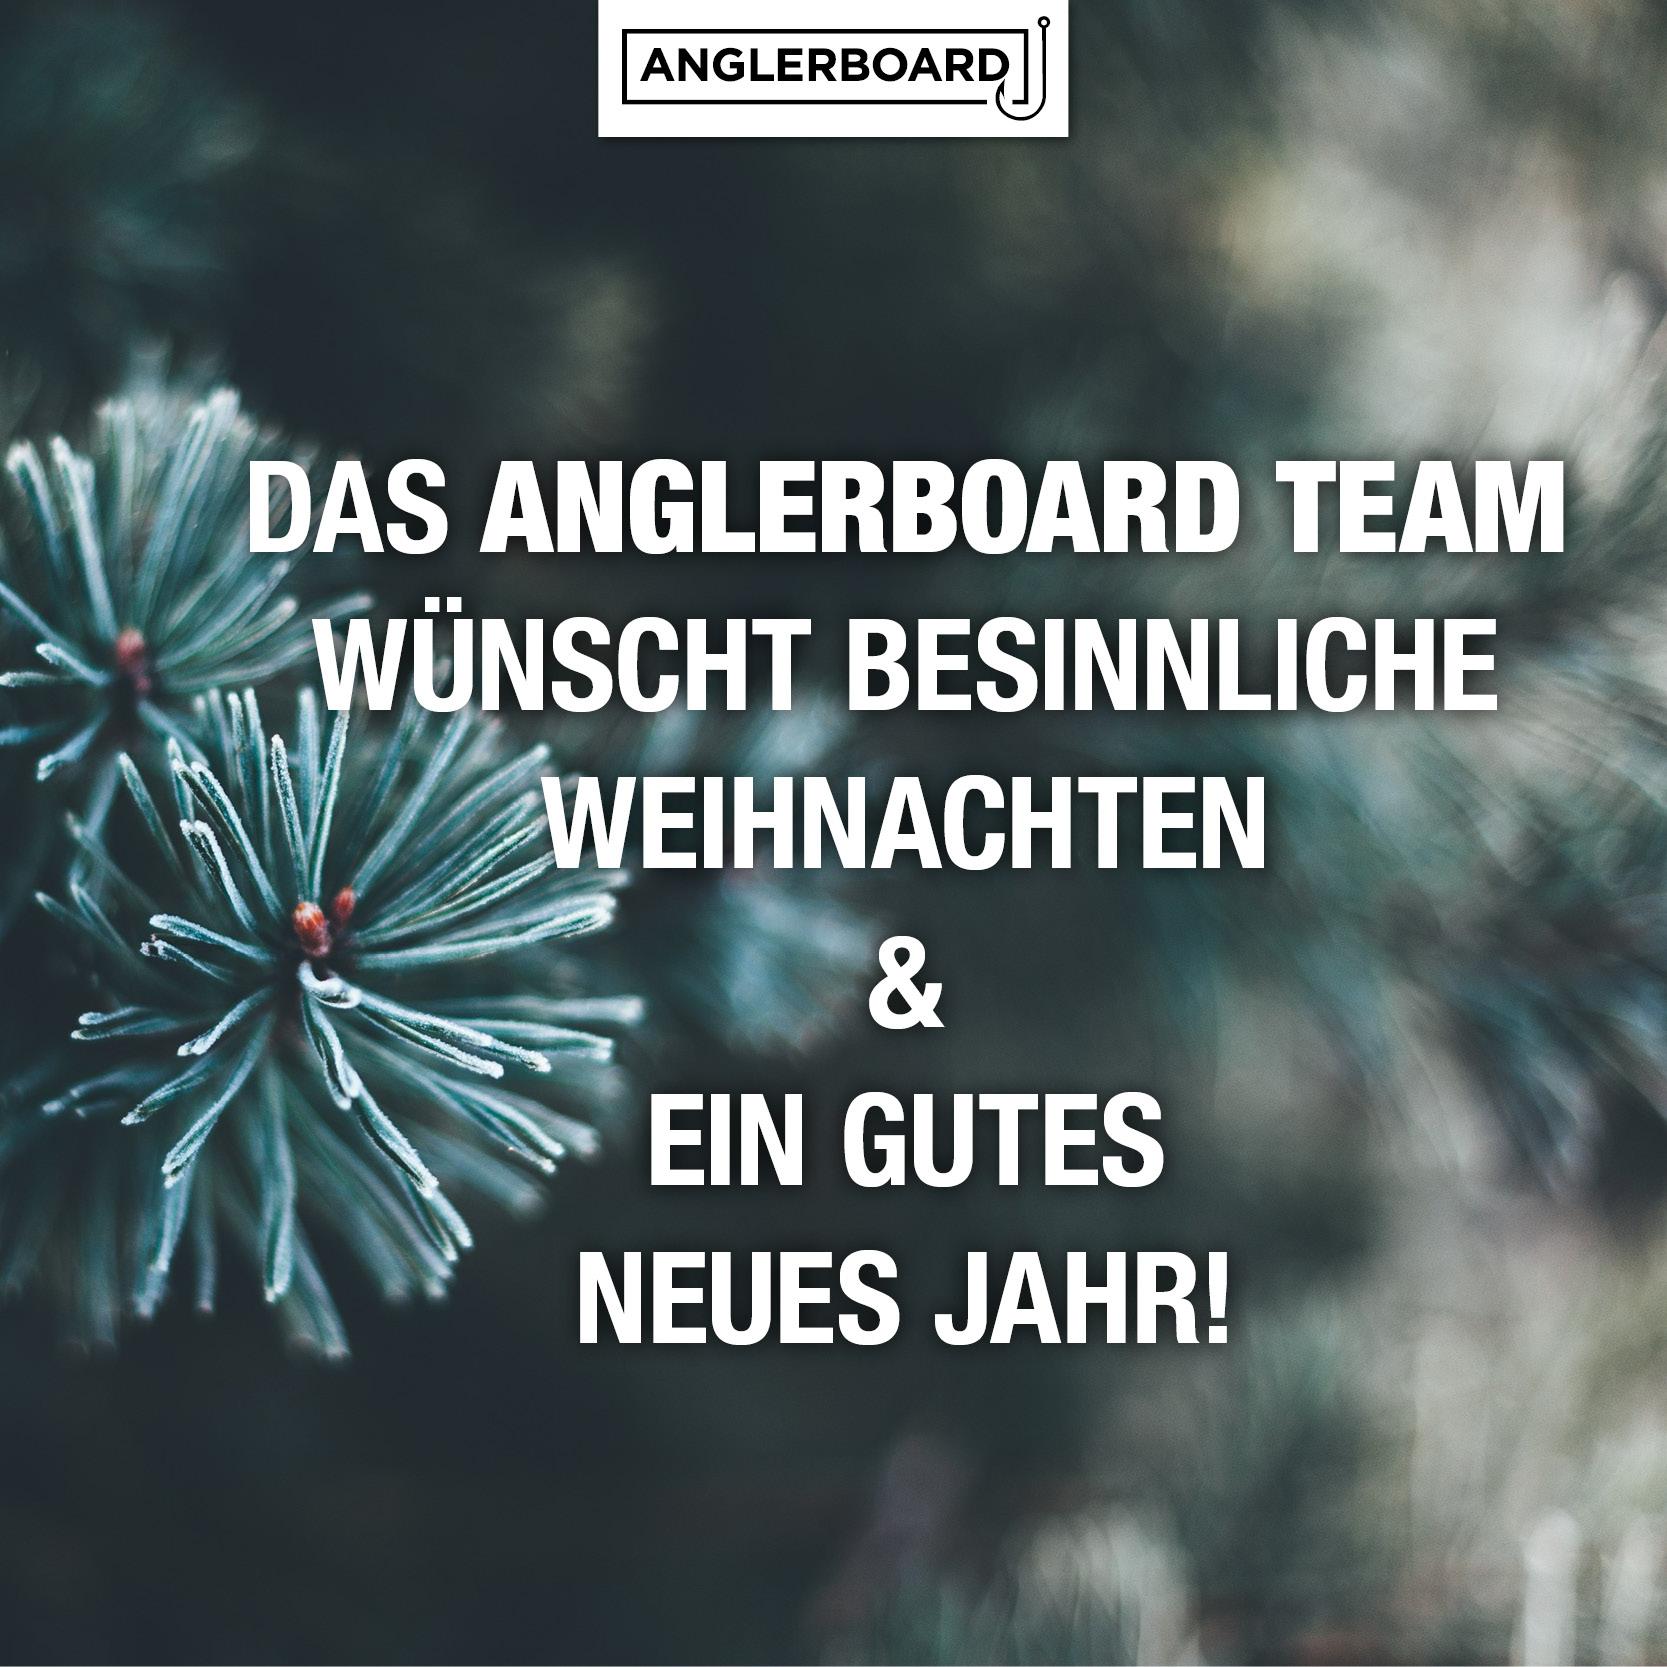 Anglerboard_facebook_Quadrate_Weihnachten.jpg